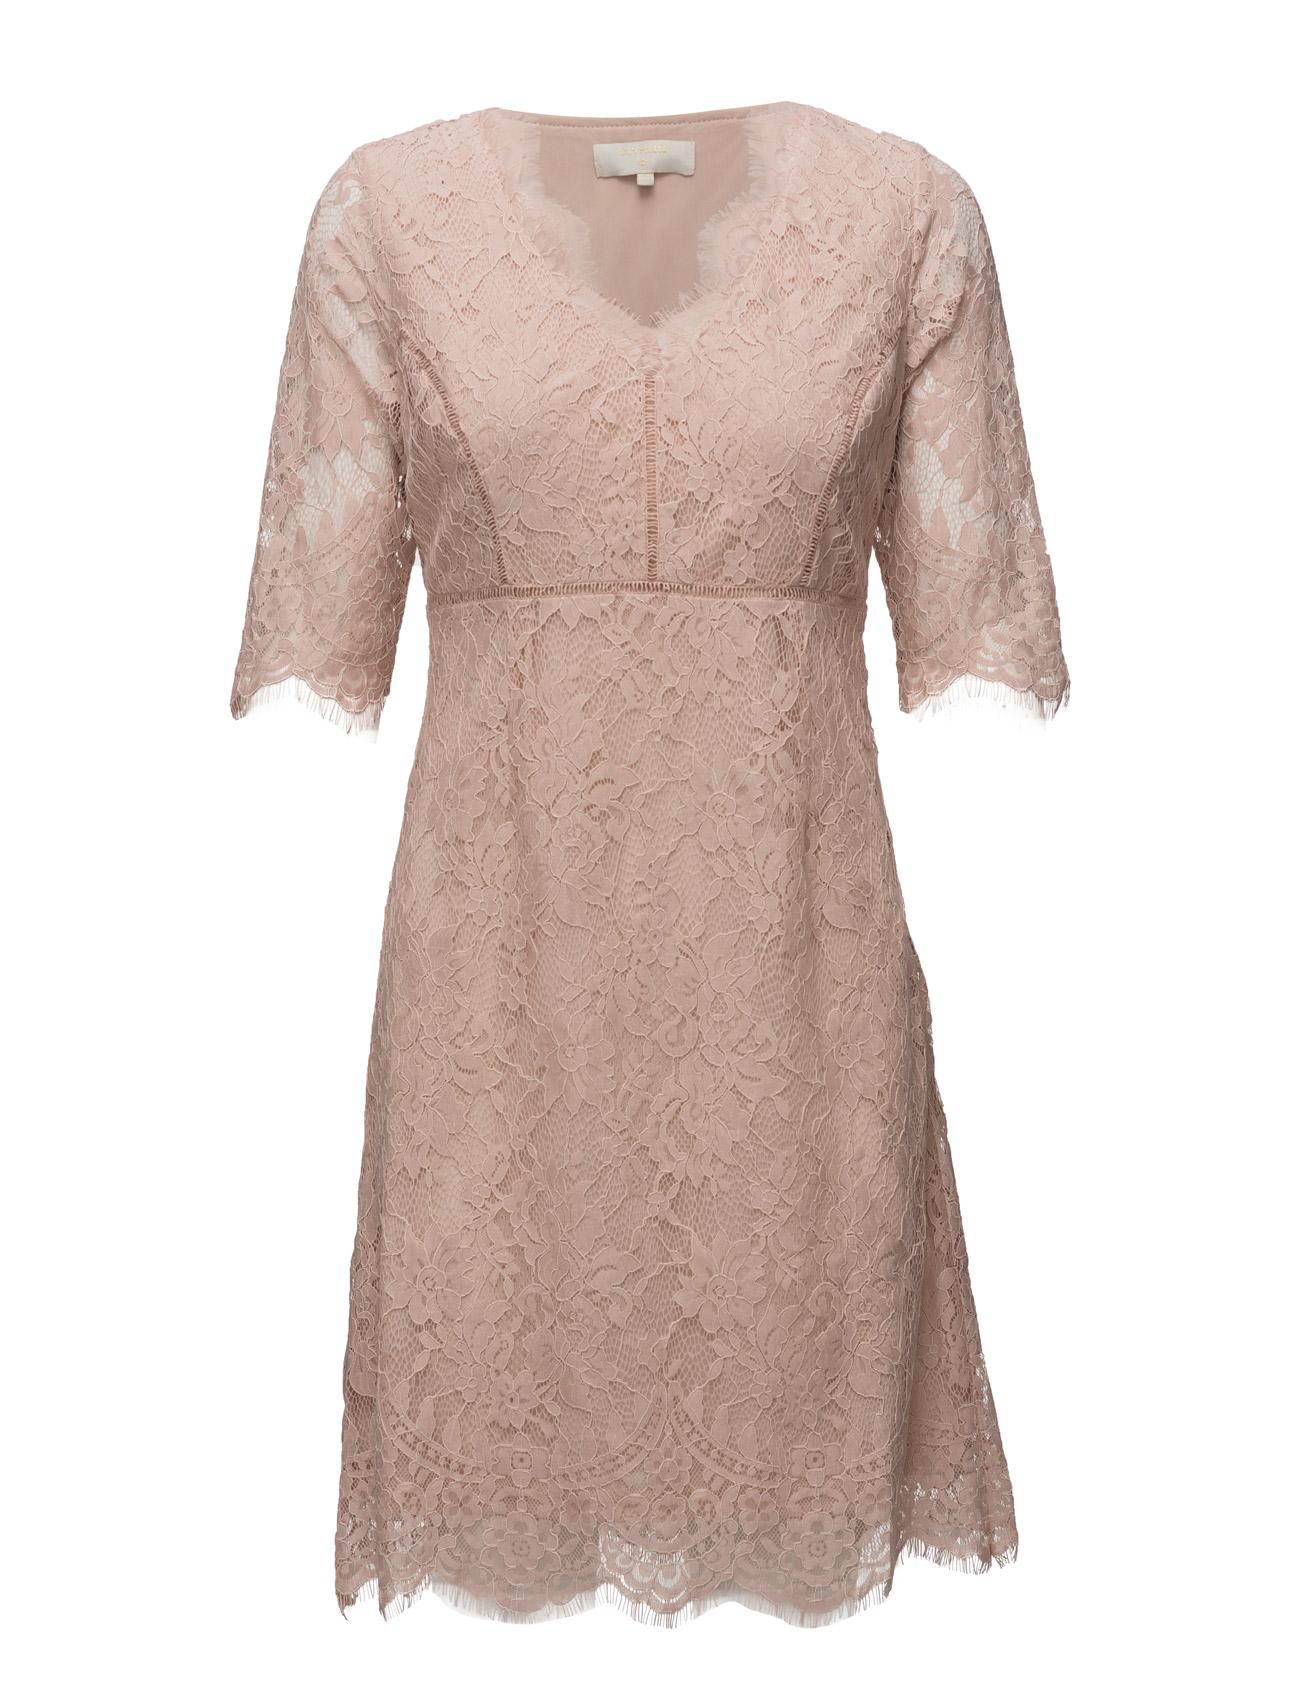 Adriana Lace Dress Cream Korte kjoler til Damer i Rose Dust